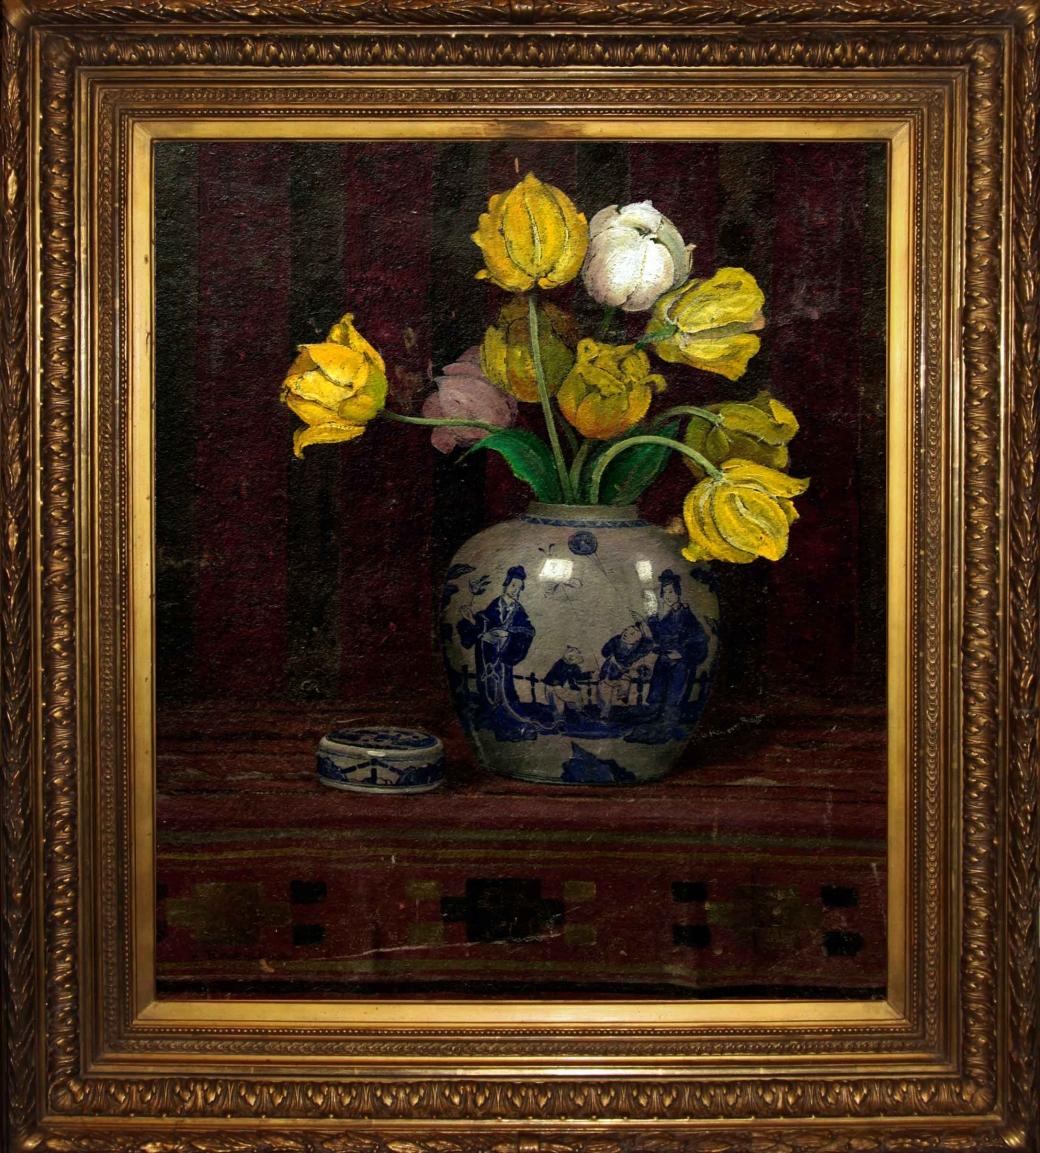 Старинный натюрморт: тюльпаны в китайской вазе. Западная Европа, начало 20 века